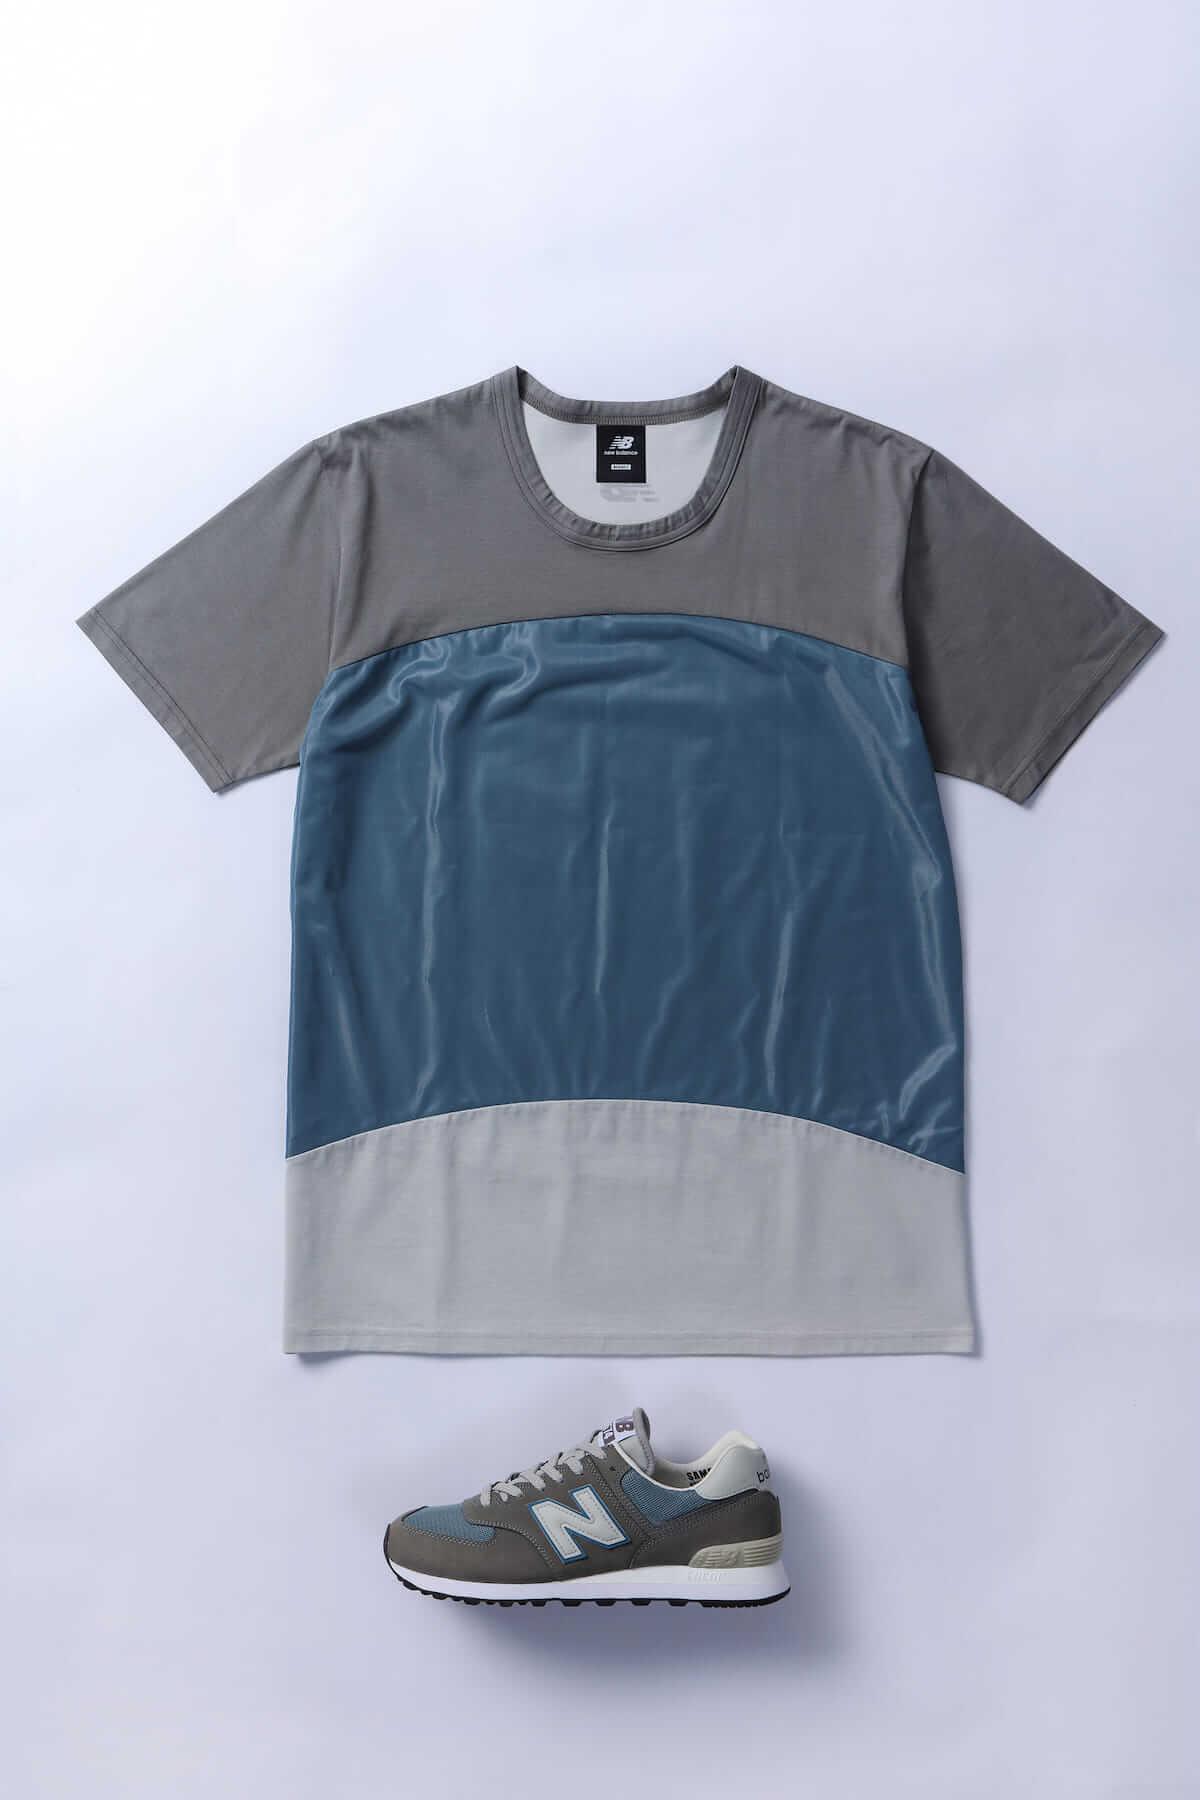 New balance×ALOYE Tシャツコレクションが限定登場!「574」などをTシャツで表現! life180314-newbalance-aloye-2-1200x1800